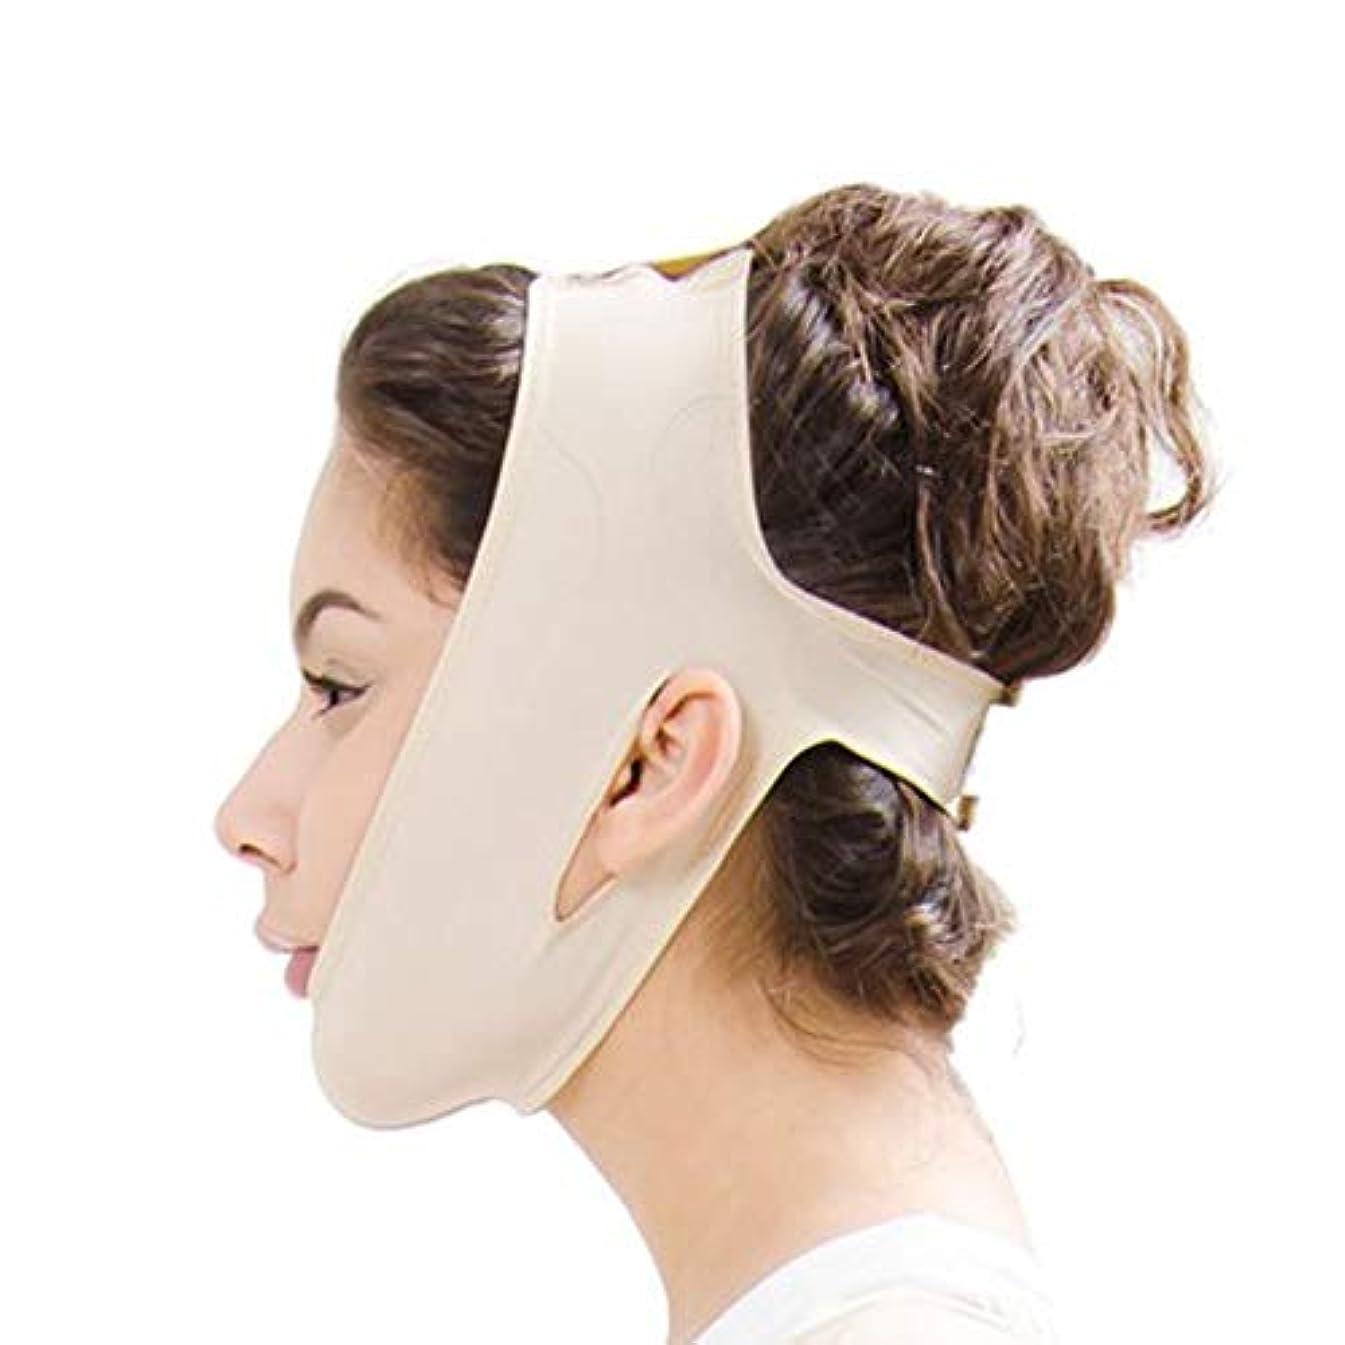 時代疼痛バイナリTLMY フェイシャルリフティングマスクフェイシャルダブルチンコンプレッションV字型フェイスブレスレットヘッドギアリフティングファーミングスキン 顔用整形マスク (Size : XXL)